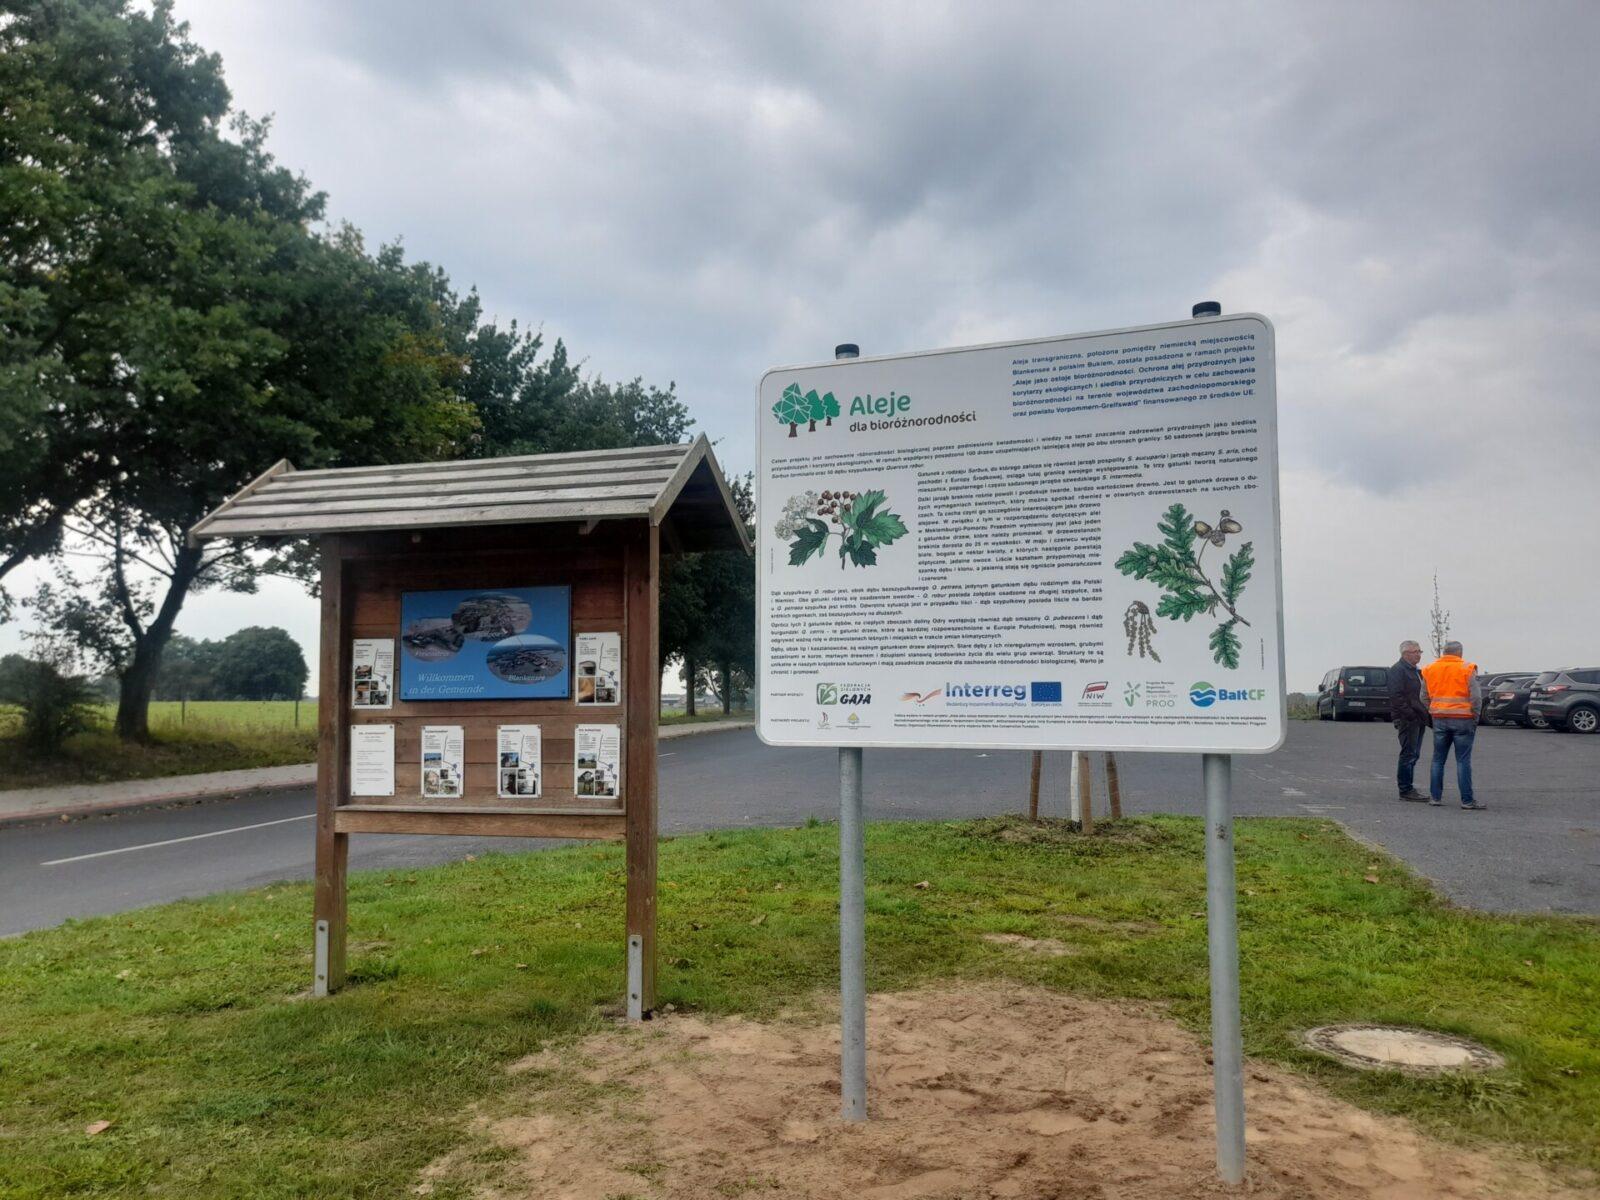 Uroczyste otwarcie alei transgranicznej na przejściu Buk/Blankensee w ramach projektuAleje jako ostoje bioróżnorodności